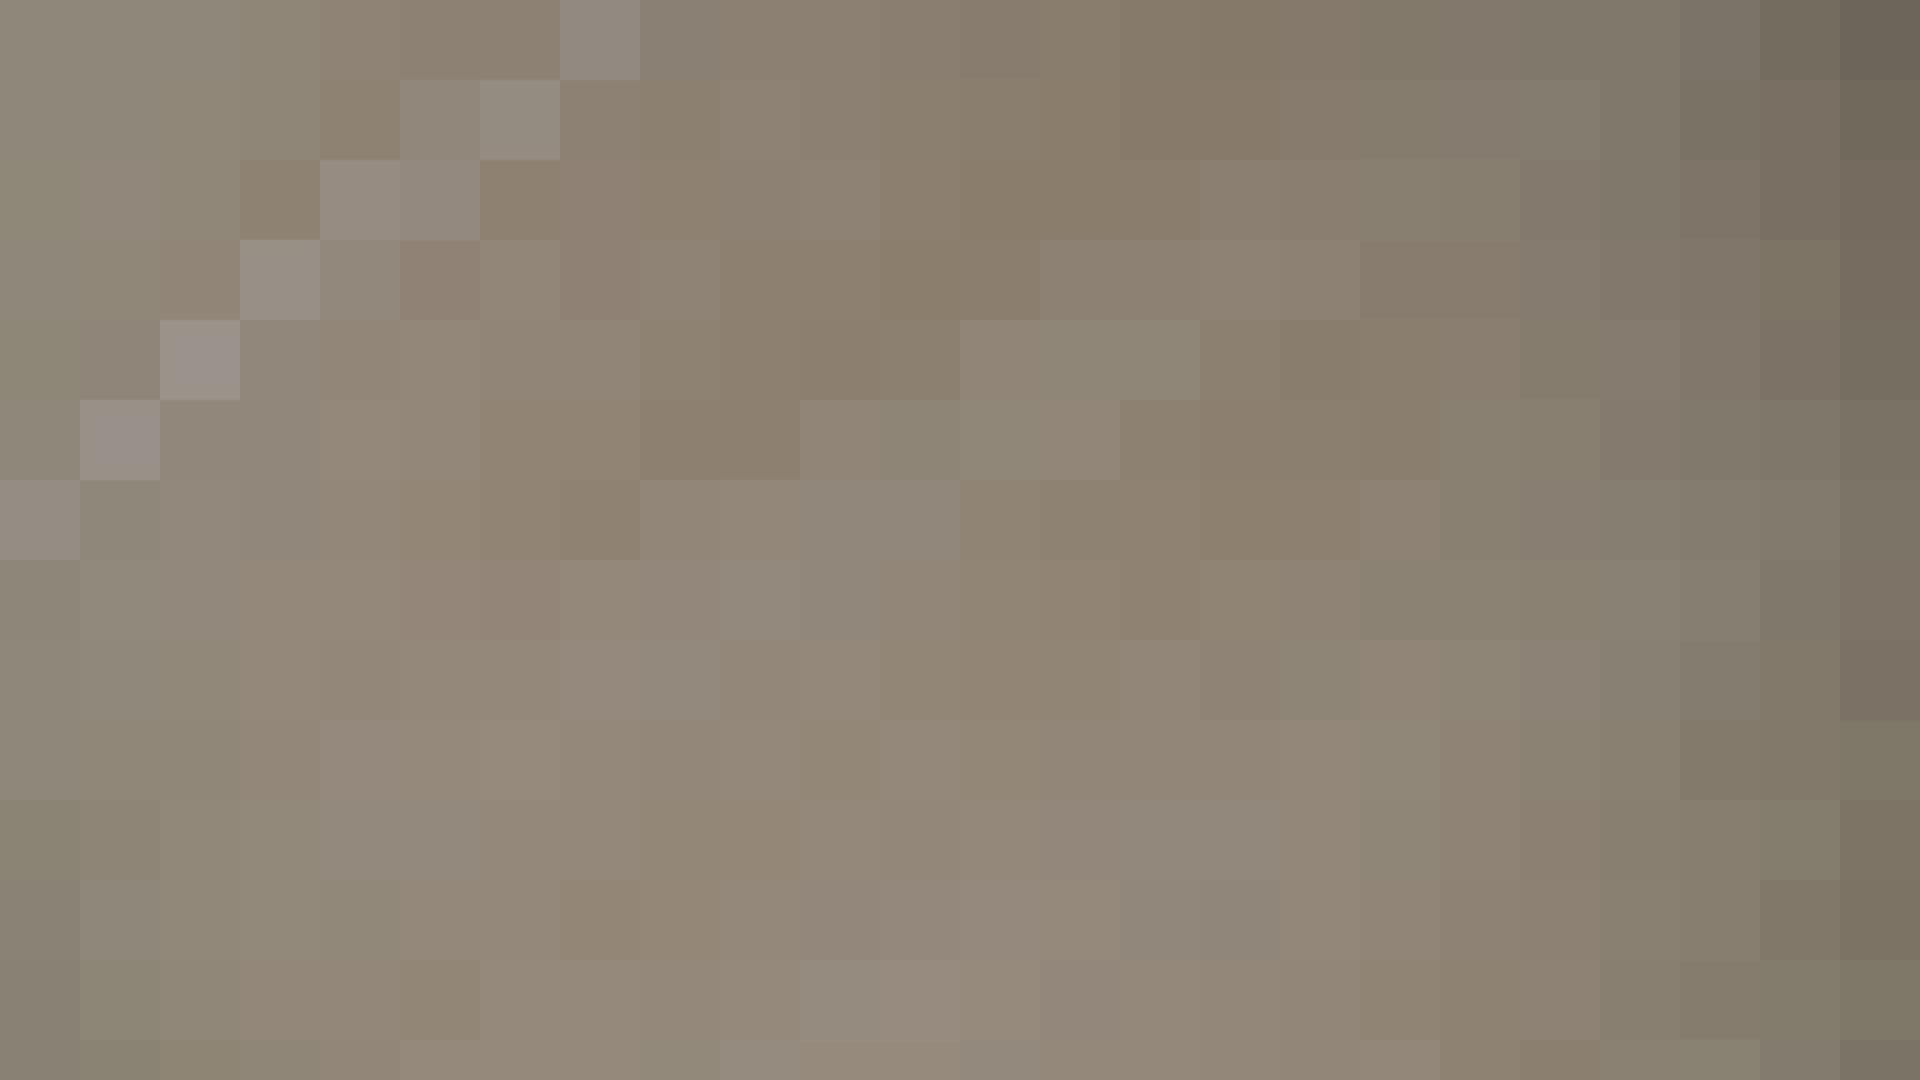 阿国ちゃんの「和式洋式七変化」No.16 和式便所 | 洗面所のぞき 盗撮 102枚 76